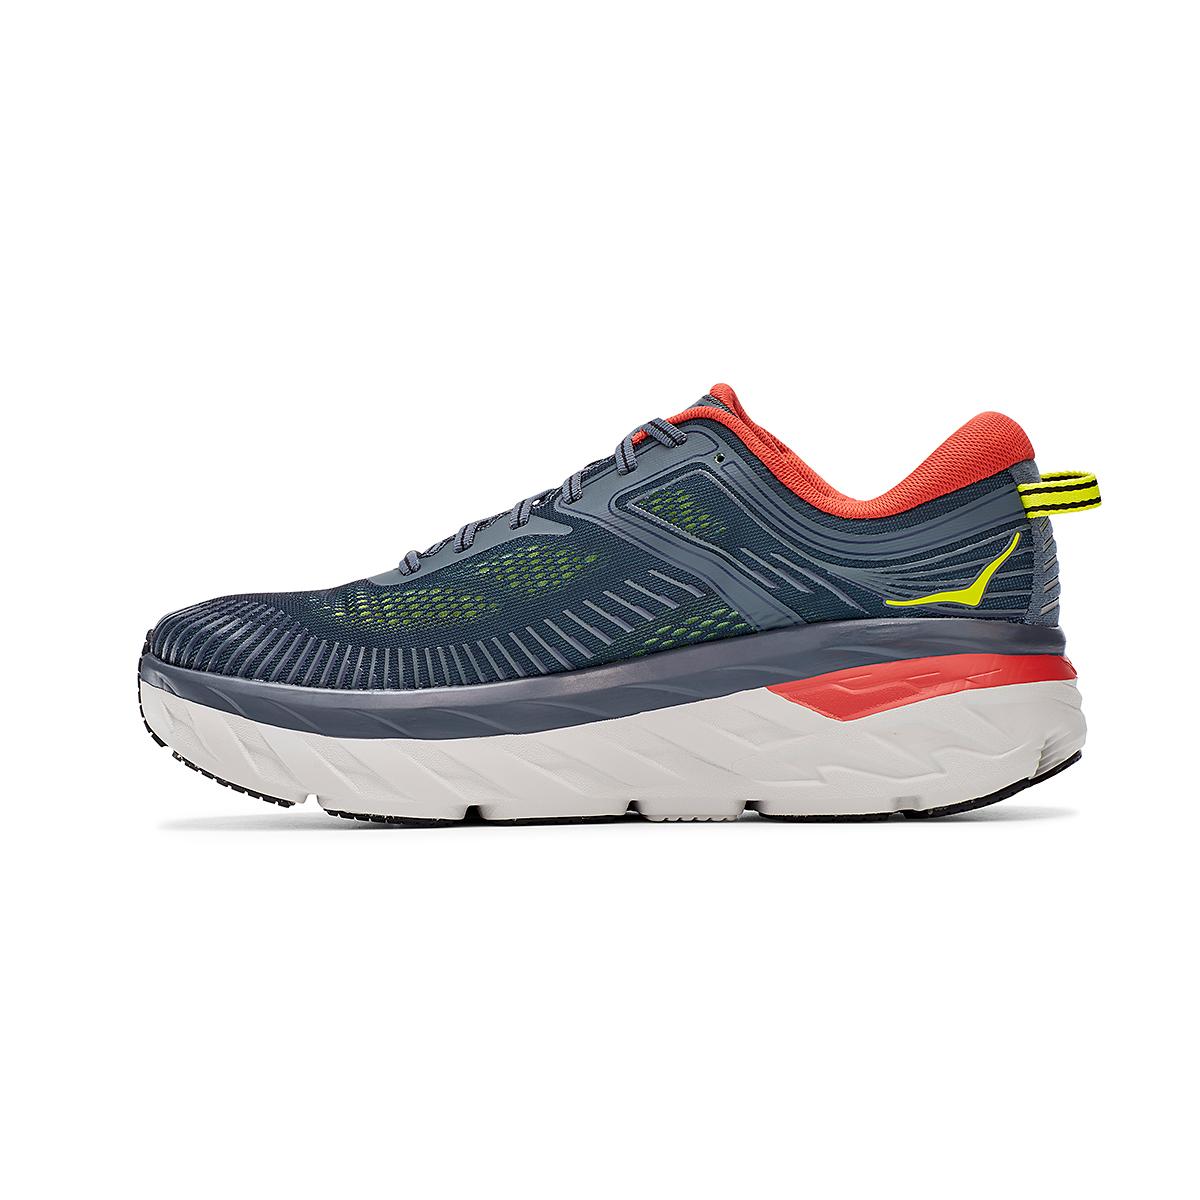 Men's Hoka One One Bondi 7 Running Shoe - Color: Turbulence/Chili - Size: 8 - Width: Regular, Turbulence/Chili, large, image 2